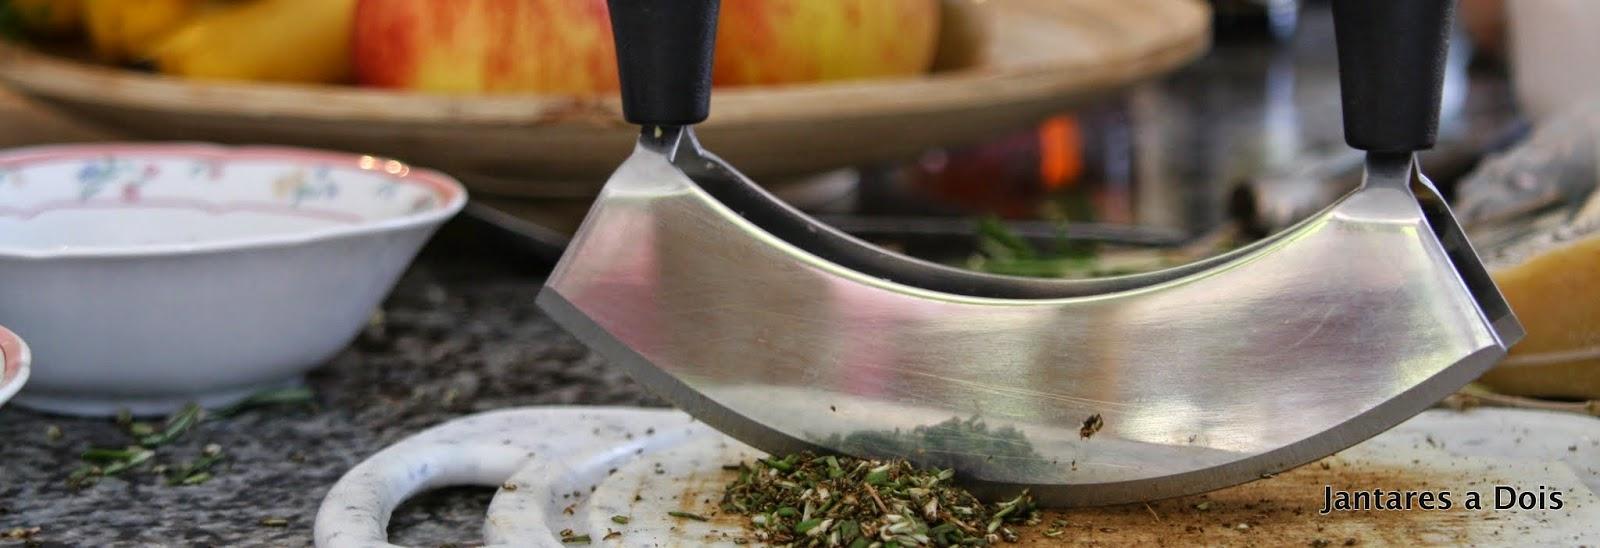 faca e ervas aromáticas